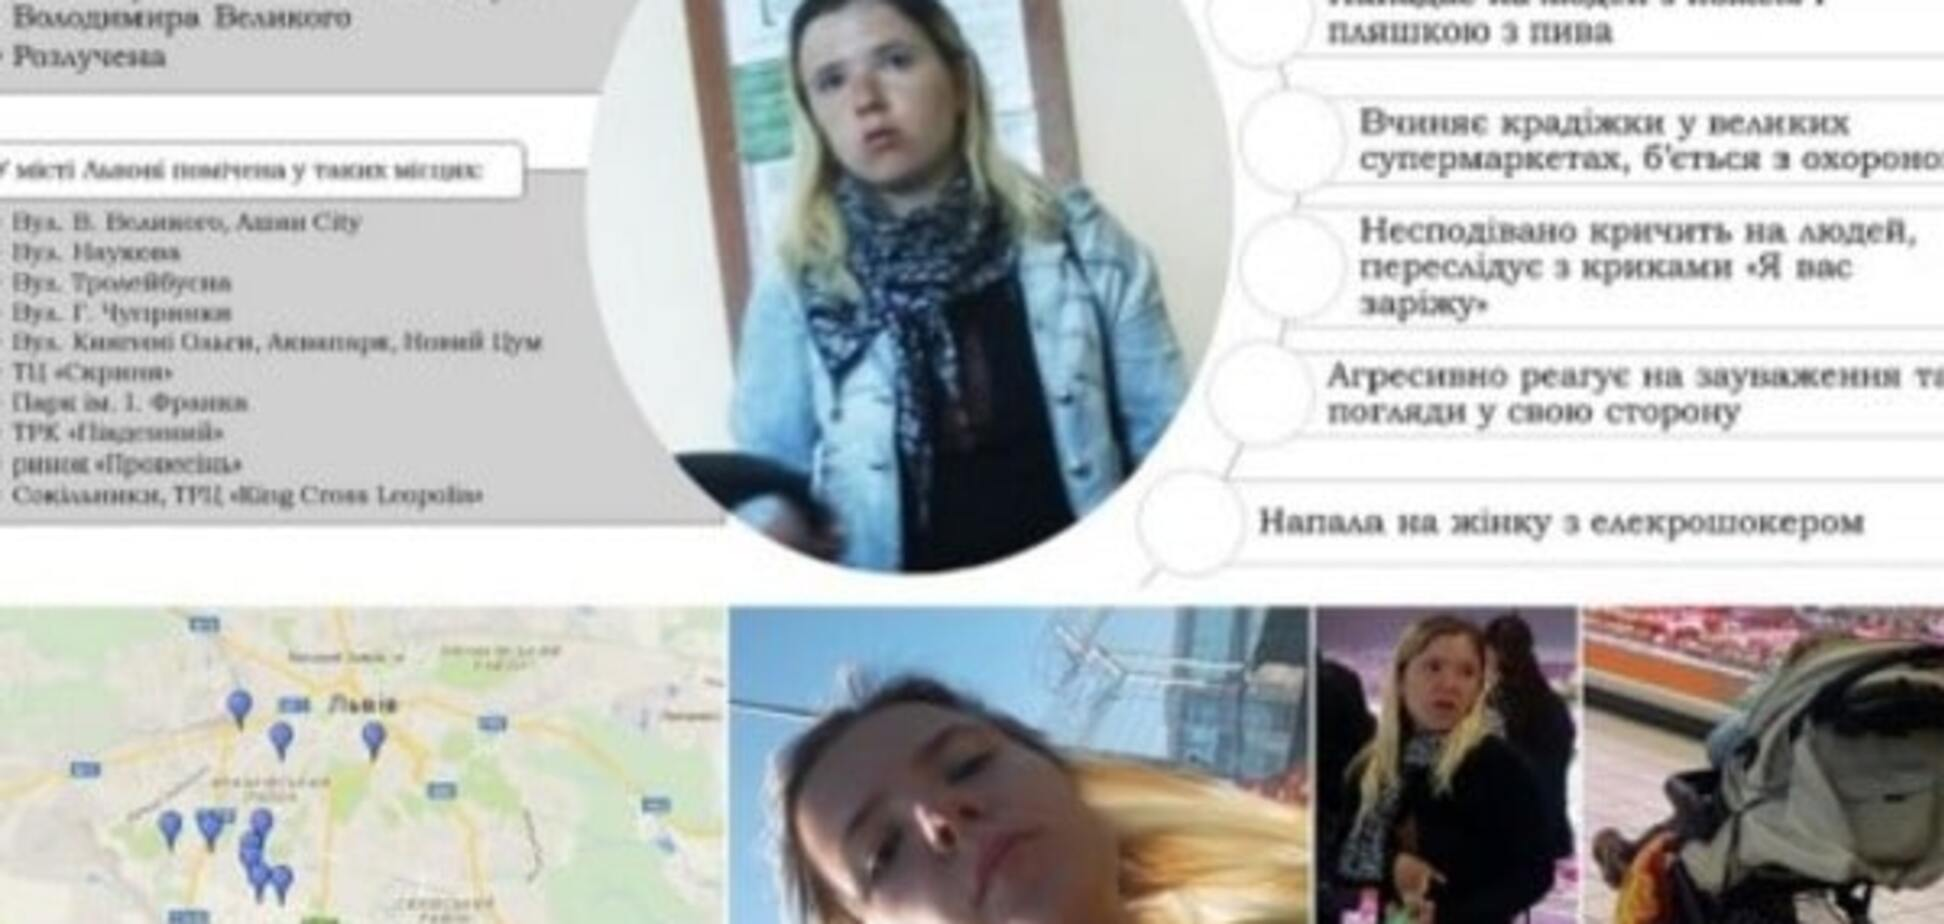 Электрошокер и палка с гвоздями:  за избиение девочки женщина отделалась штрафом